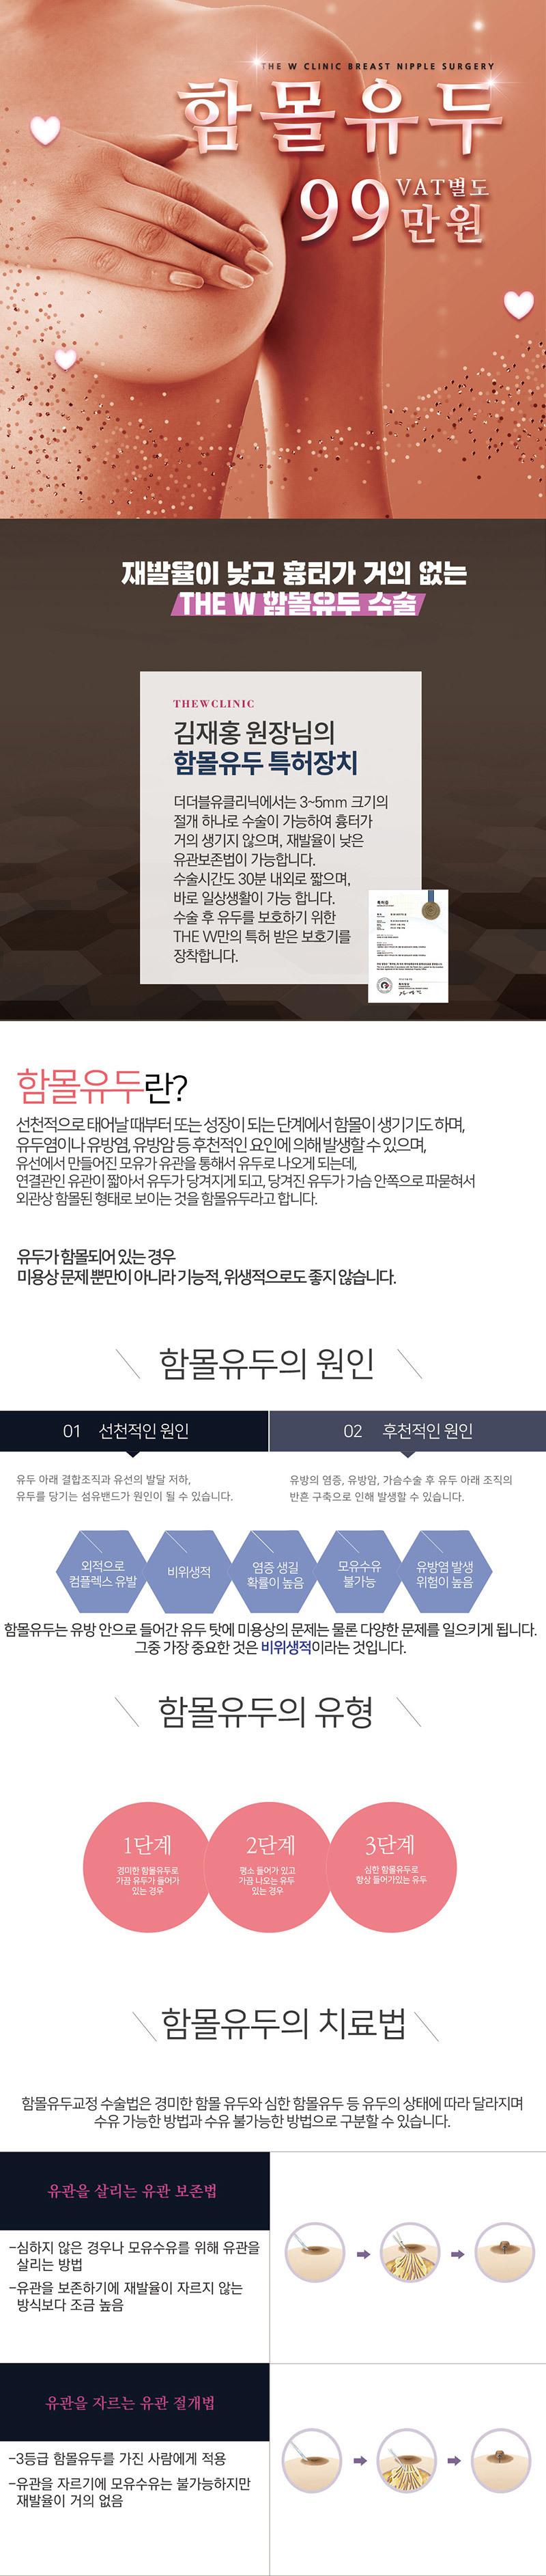 D event info 88ee81c5d60260a160